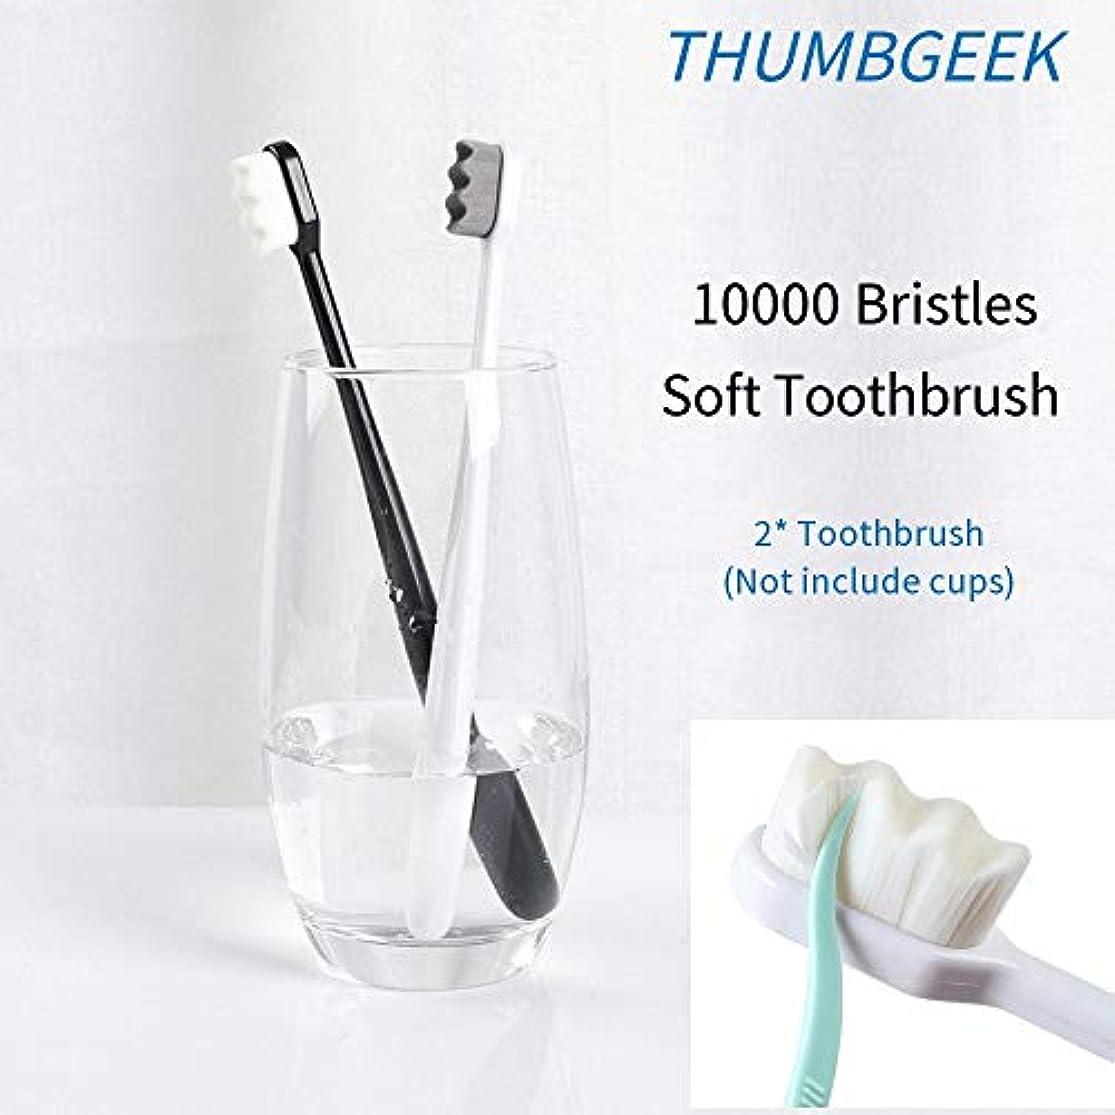 拡大する編集者トランペット2本の歯ブラシ、ウルトラソフト歯ブラシ、家族の妊娠中の女性用、年配の看護の歯肉に敏感なディープマウスクリーンオーラルケア、手動歯ブラシ